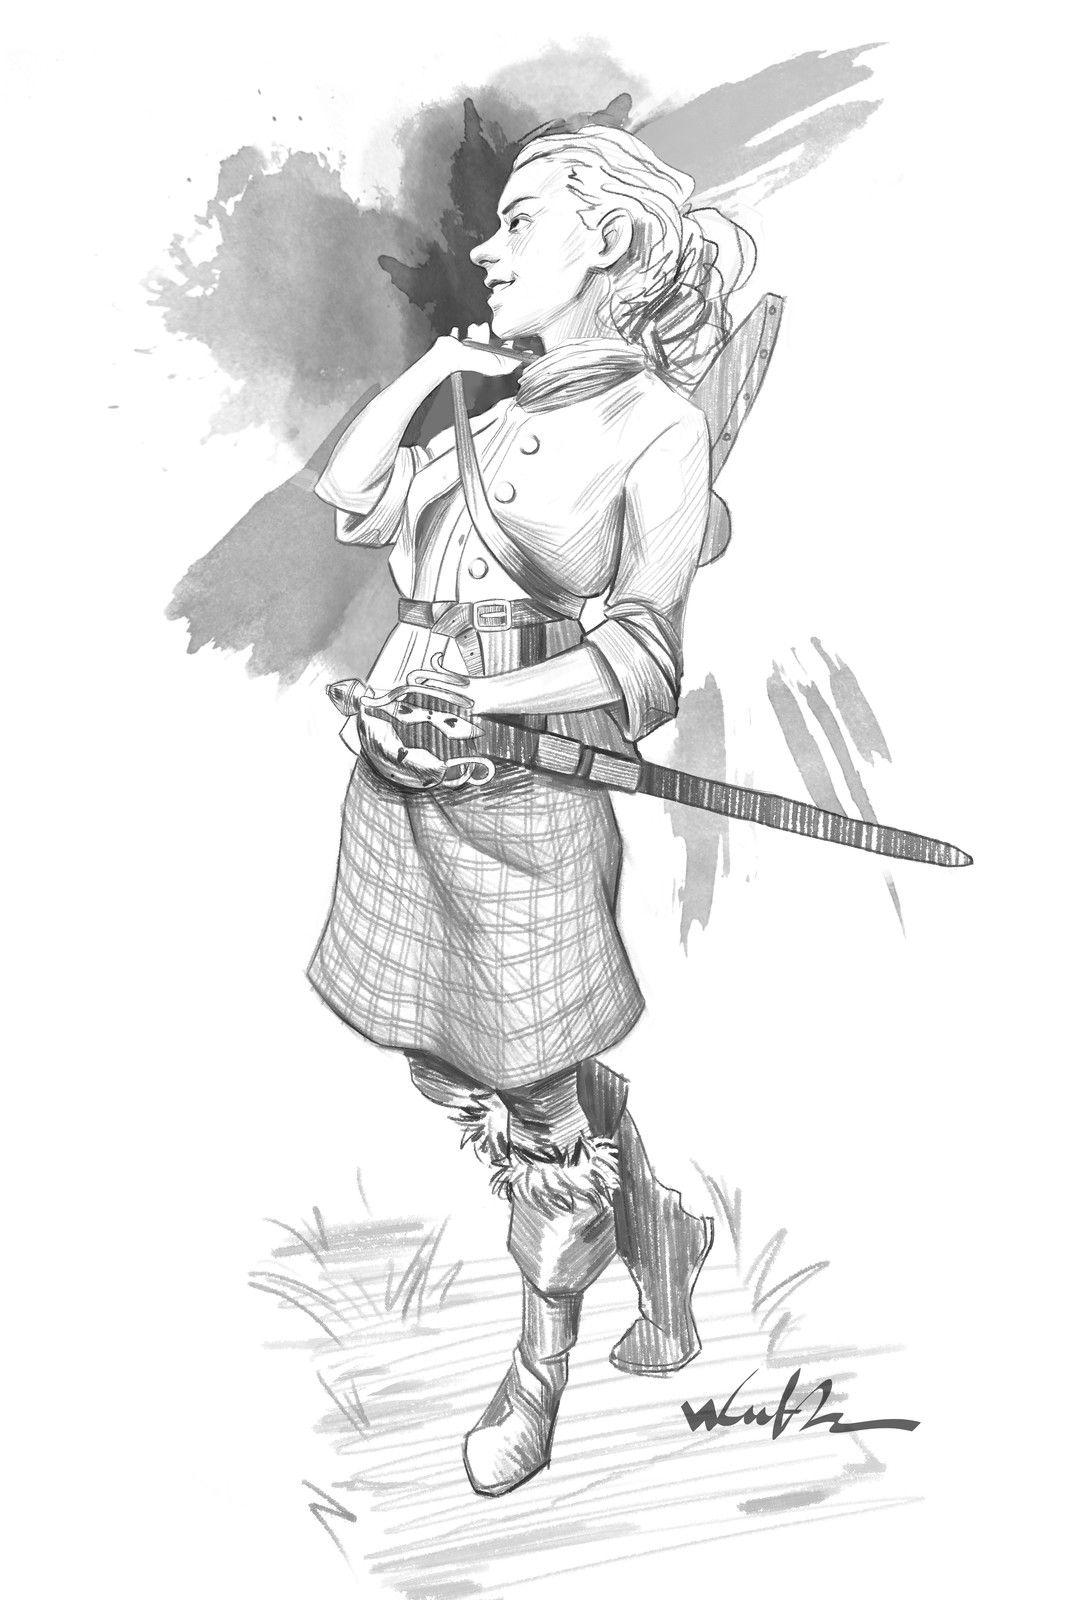 The Lady of Lallybroch, Wulfr _ on ArtStation at https://www.artstation.com/artwork/1EeKe